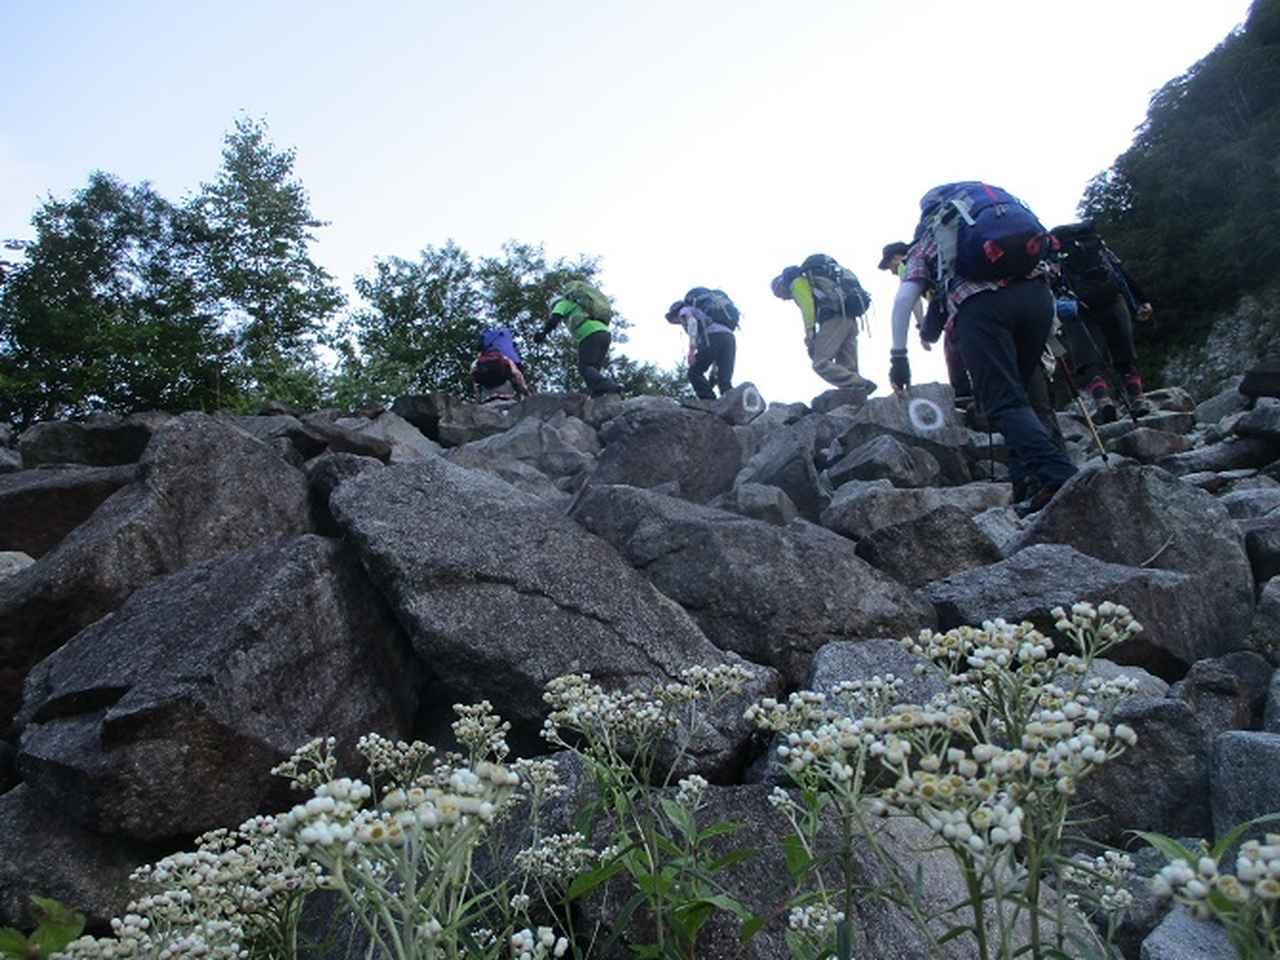 画像4: 8月13日から岡田ガイドのコースで 「ゆっくり歩く鏡平と弓折岳」 に行ってきました!